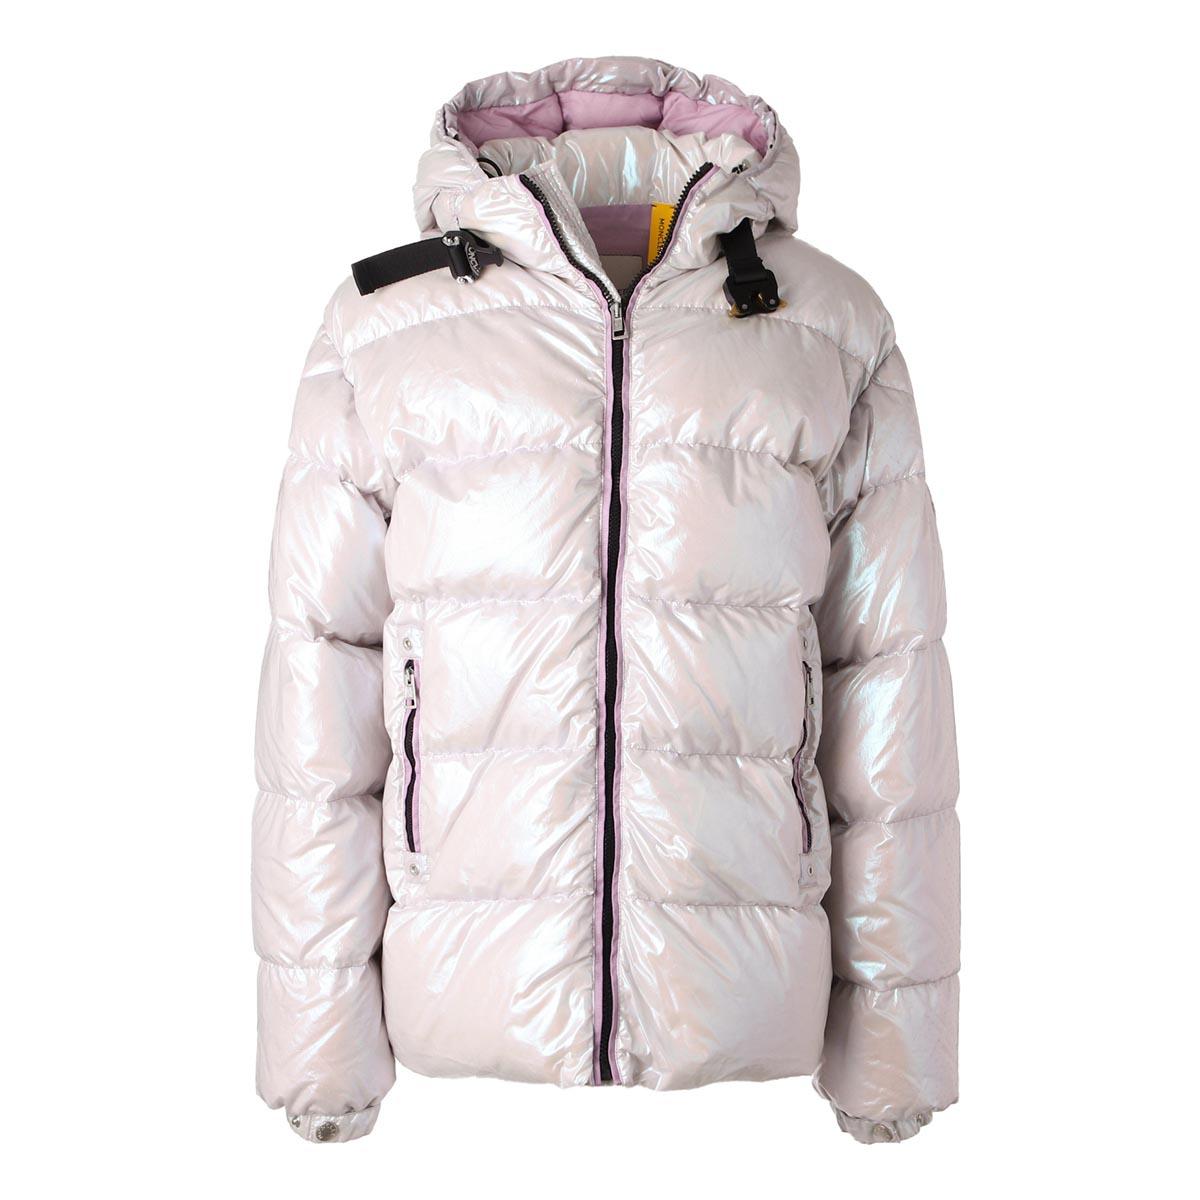 レディースファッション, コート・ジャケット  MONCLER chamoisee 1b50060 539zm 505 GENIUS 6 MONCLER 1017 ALYX 9SM CHAMOISEE